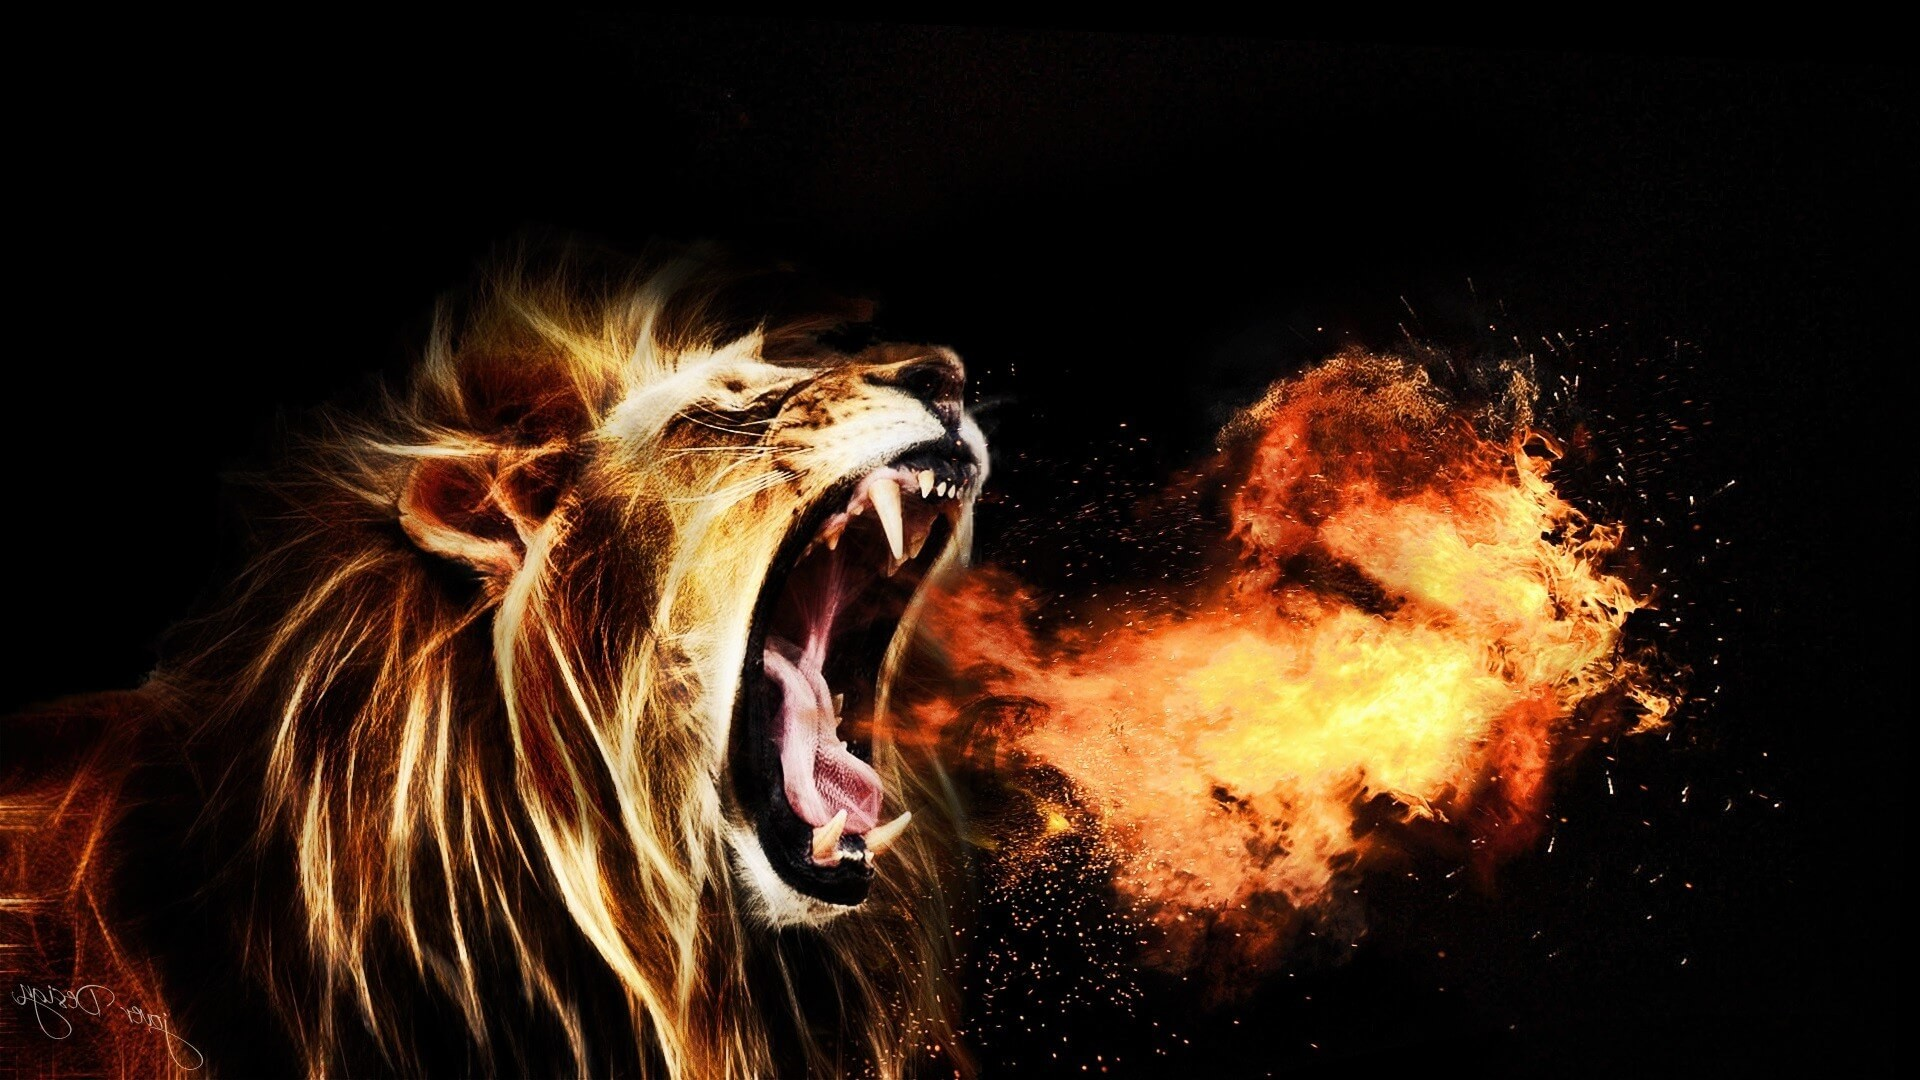 … Roaring Lion Hd Wallpapers